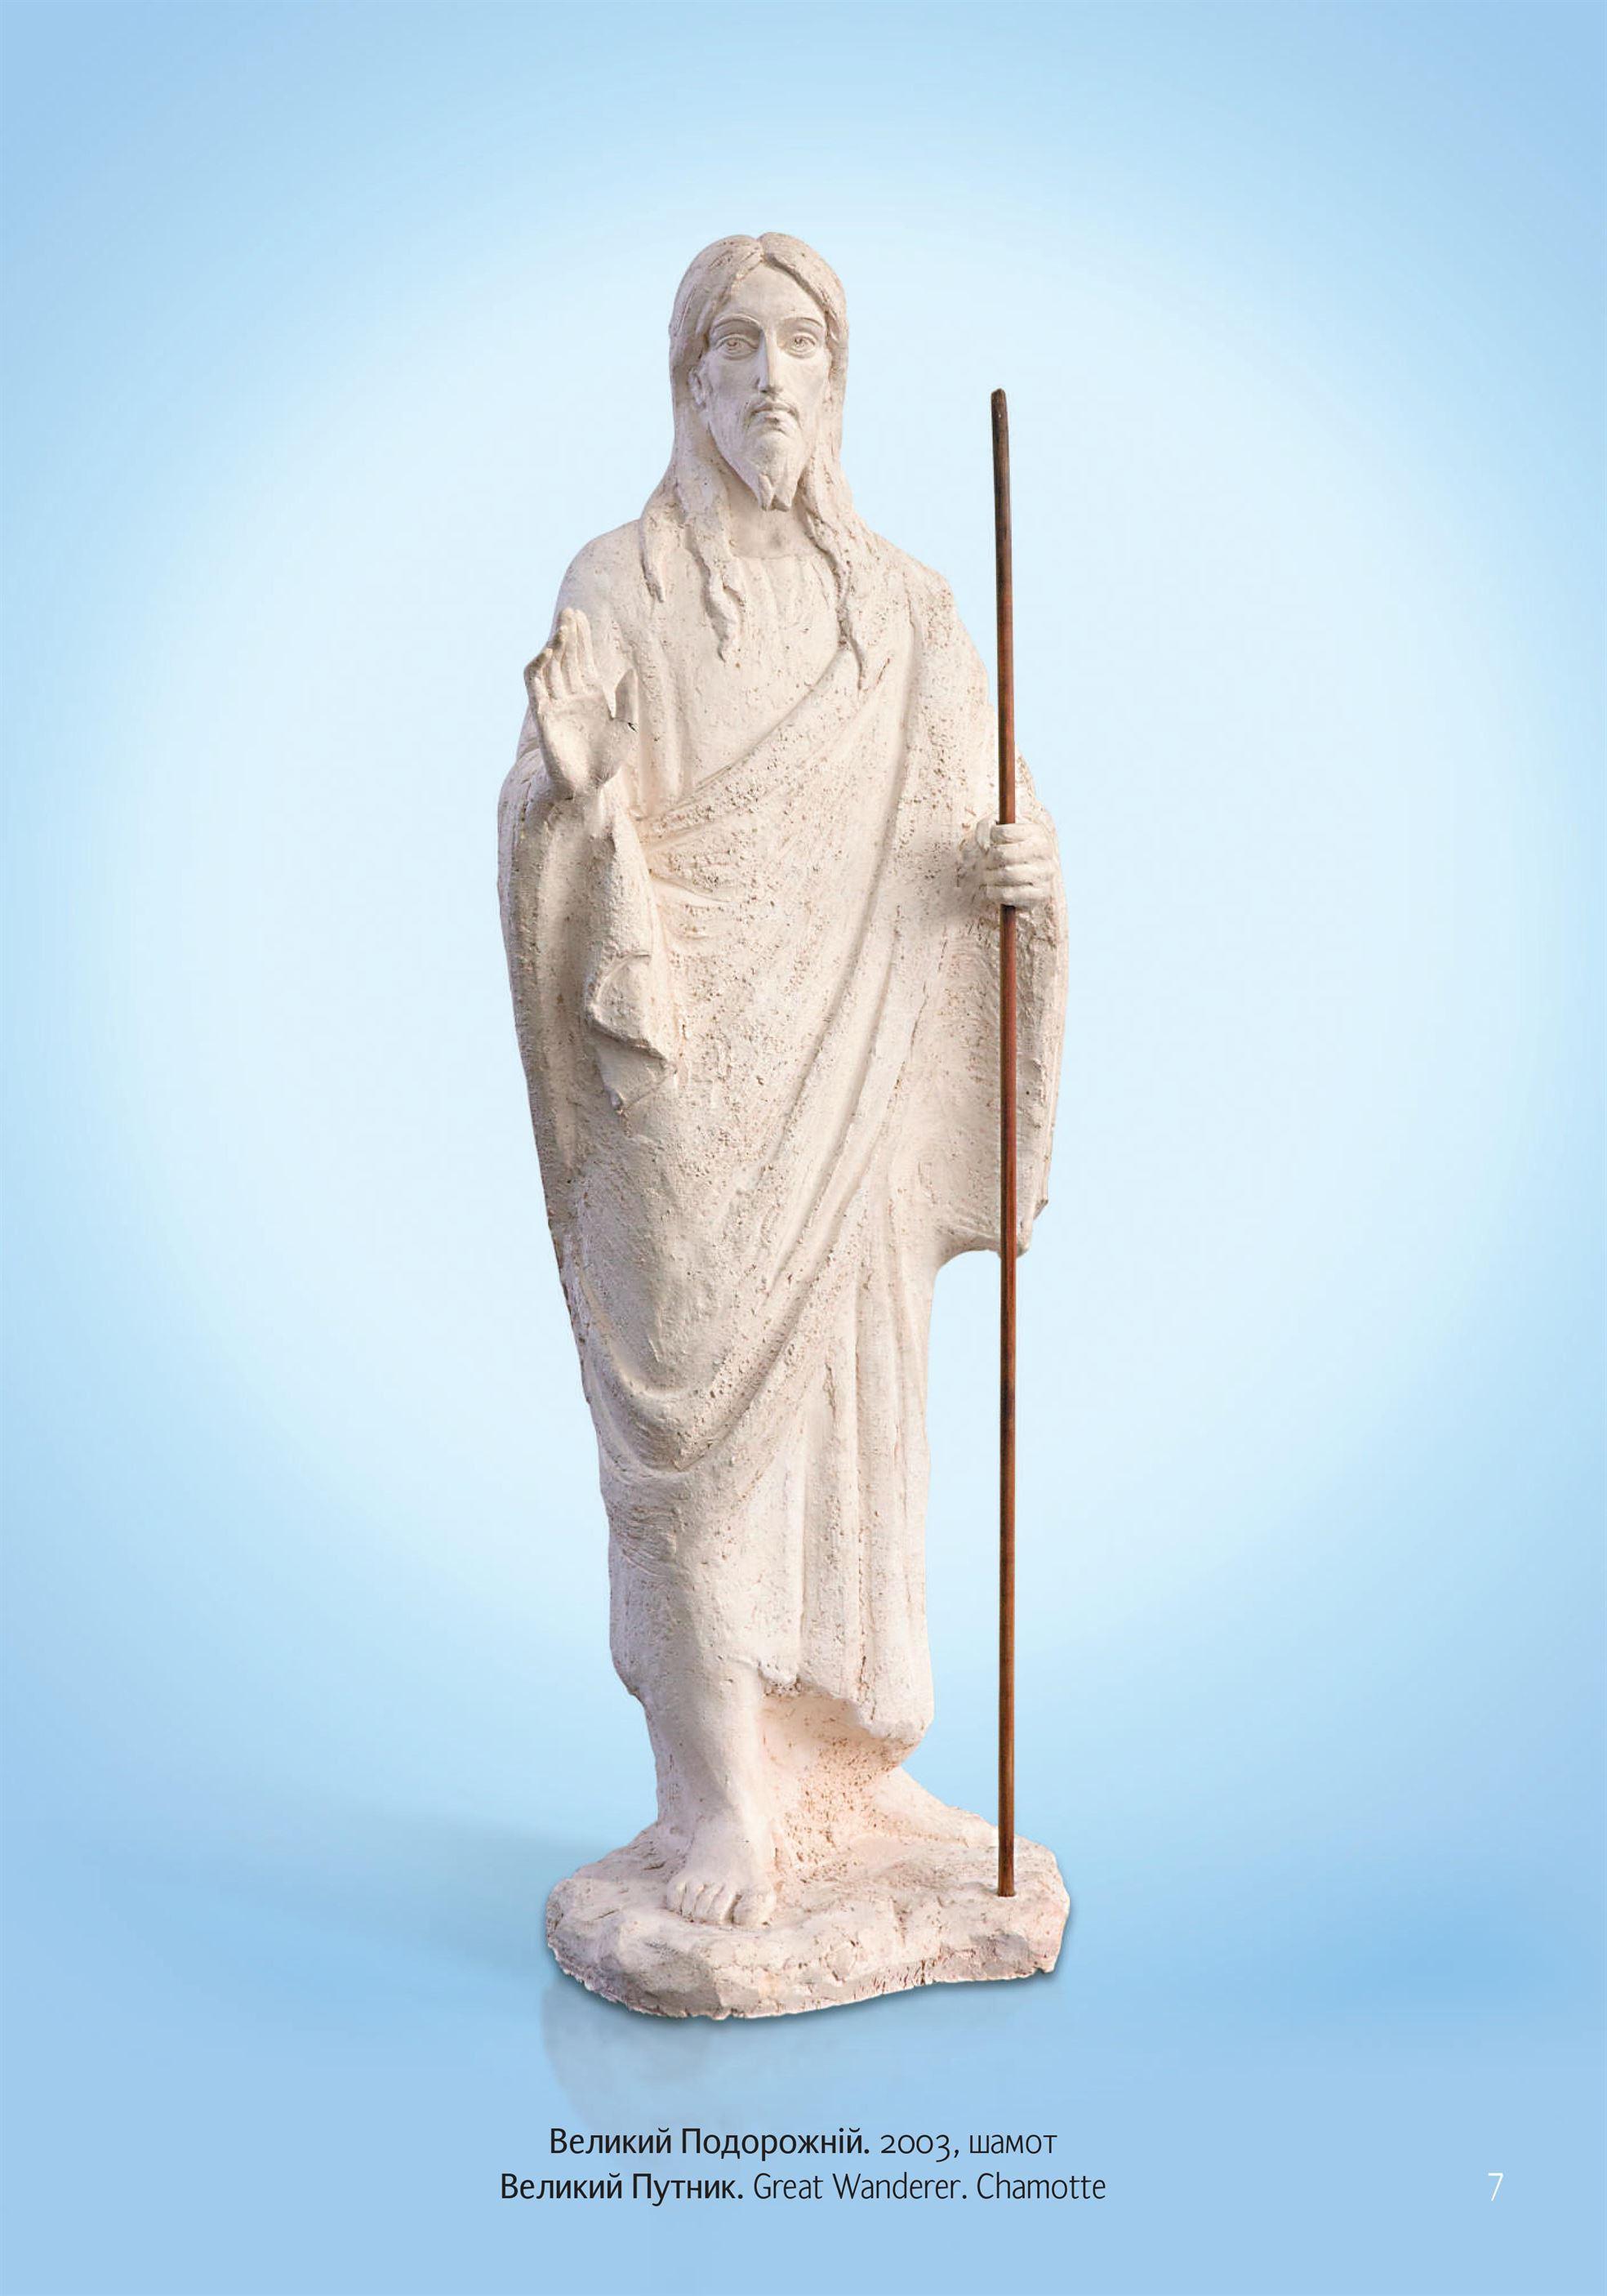 Скульптура великий путник